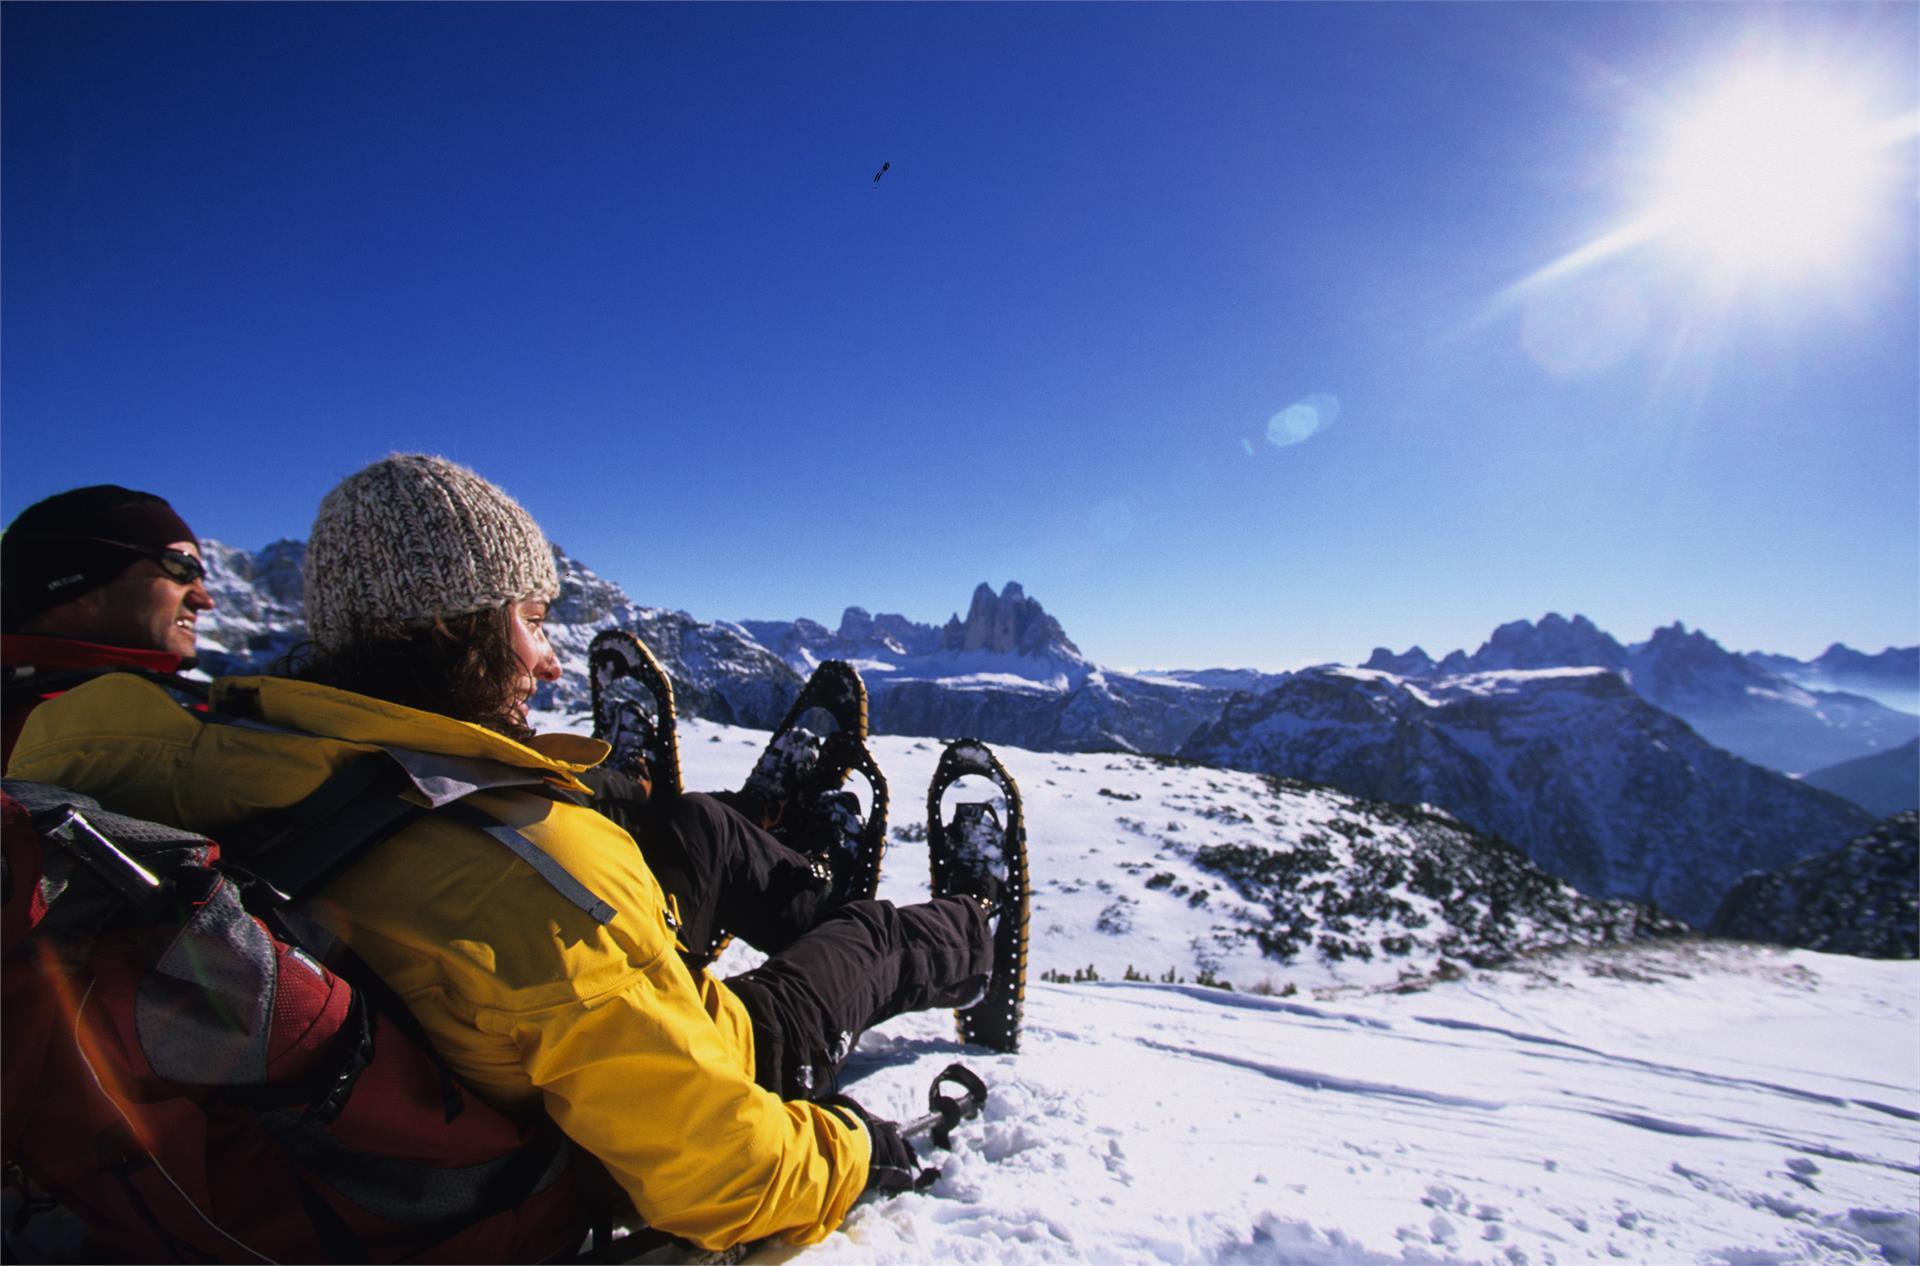 Schneeschuhwanderung - Pragser Wildsee - Kaserhütte